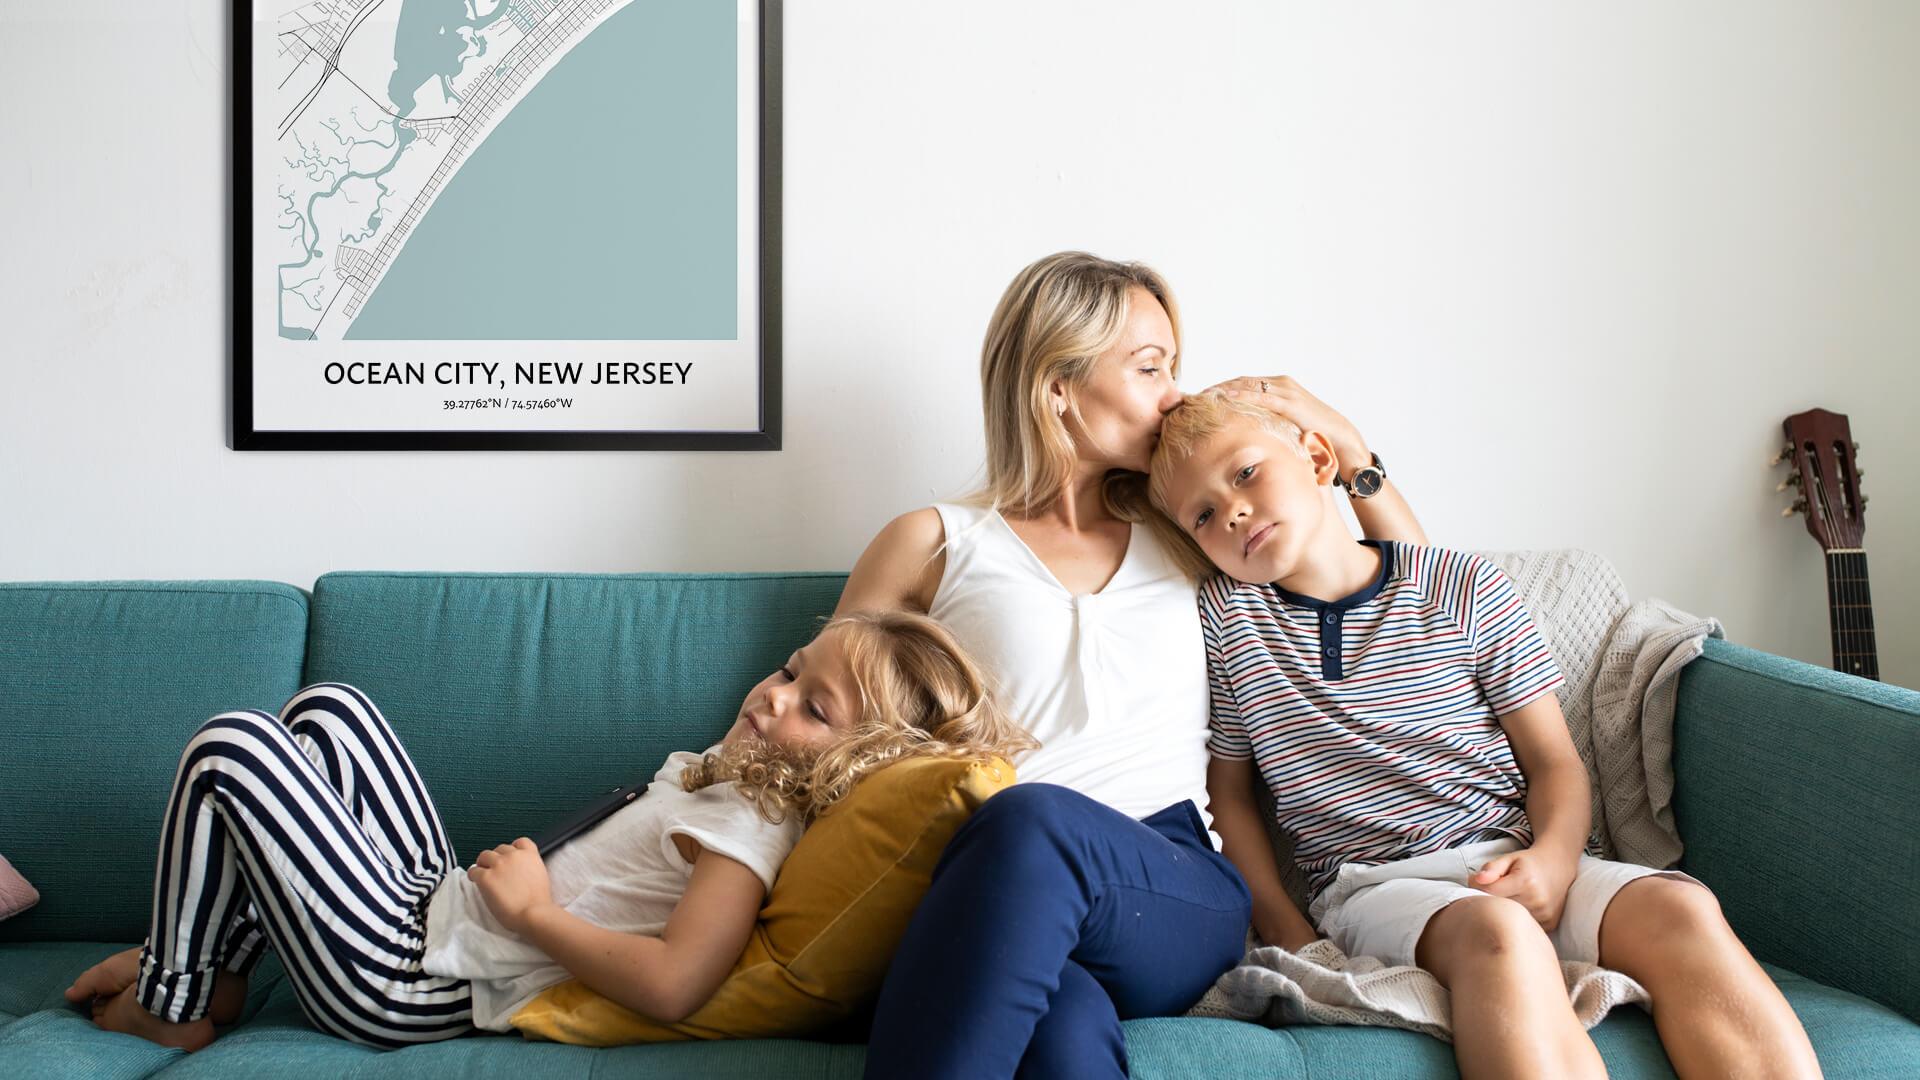 Ocean City map poster